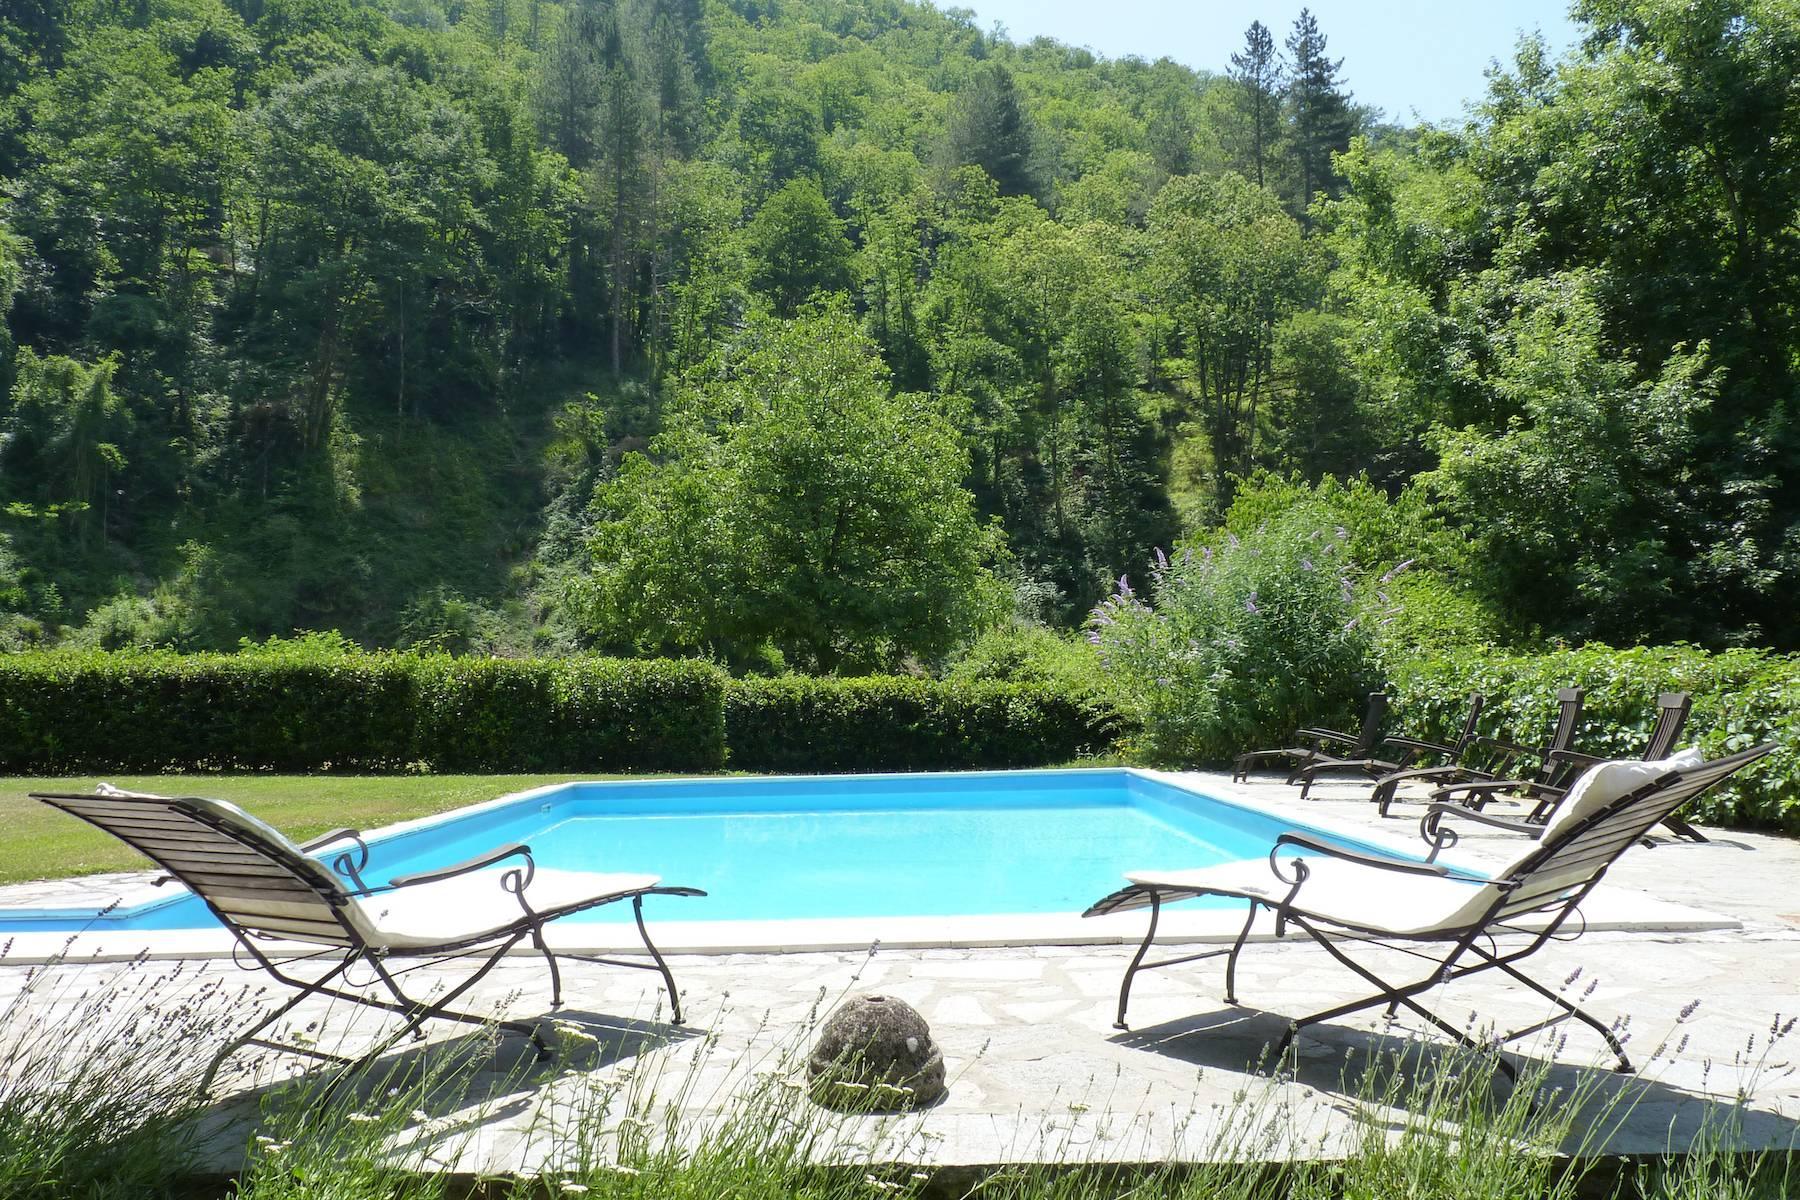 Maison de campagne enchantée sur les collines autour de Lucca - 29